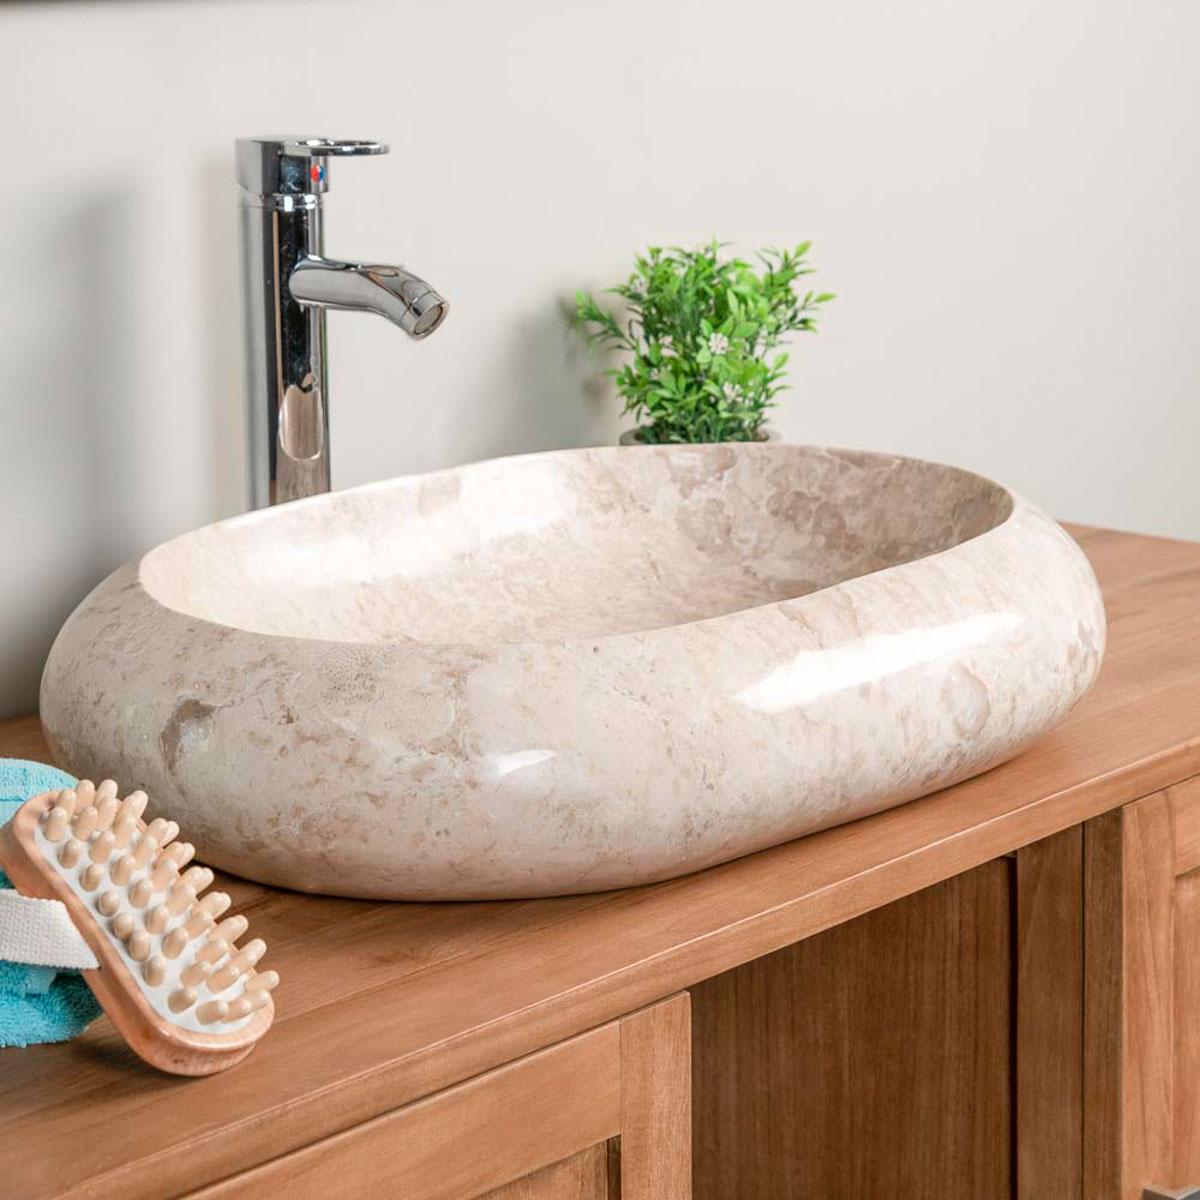 Vasque poser en marbre murano rectangle cr me l 60 cm - Grande vasque a poser ...